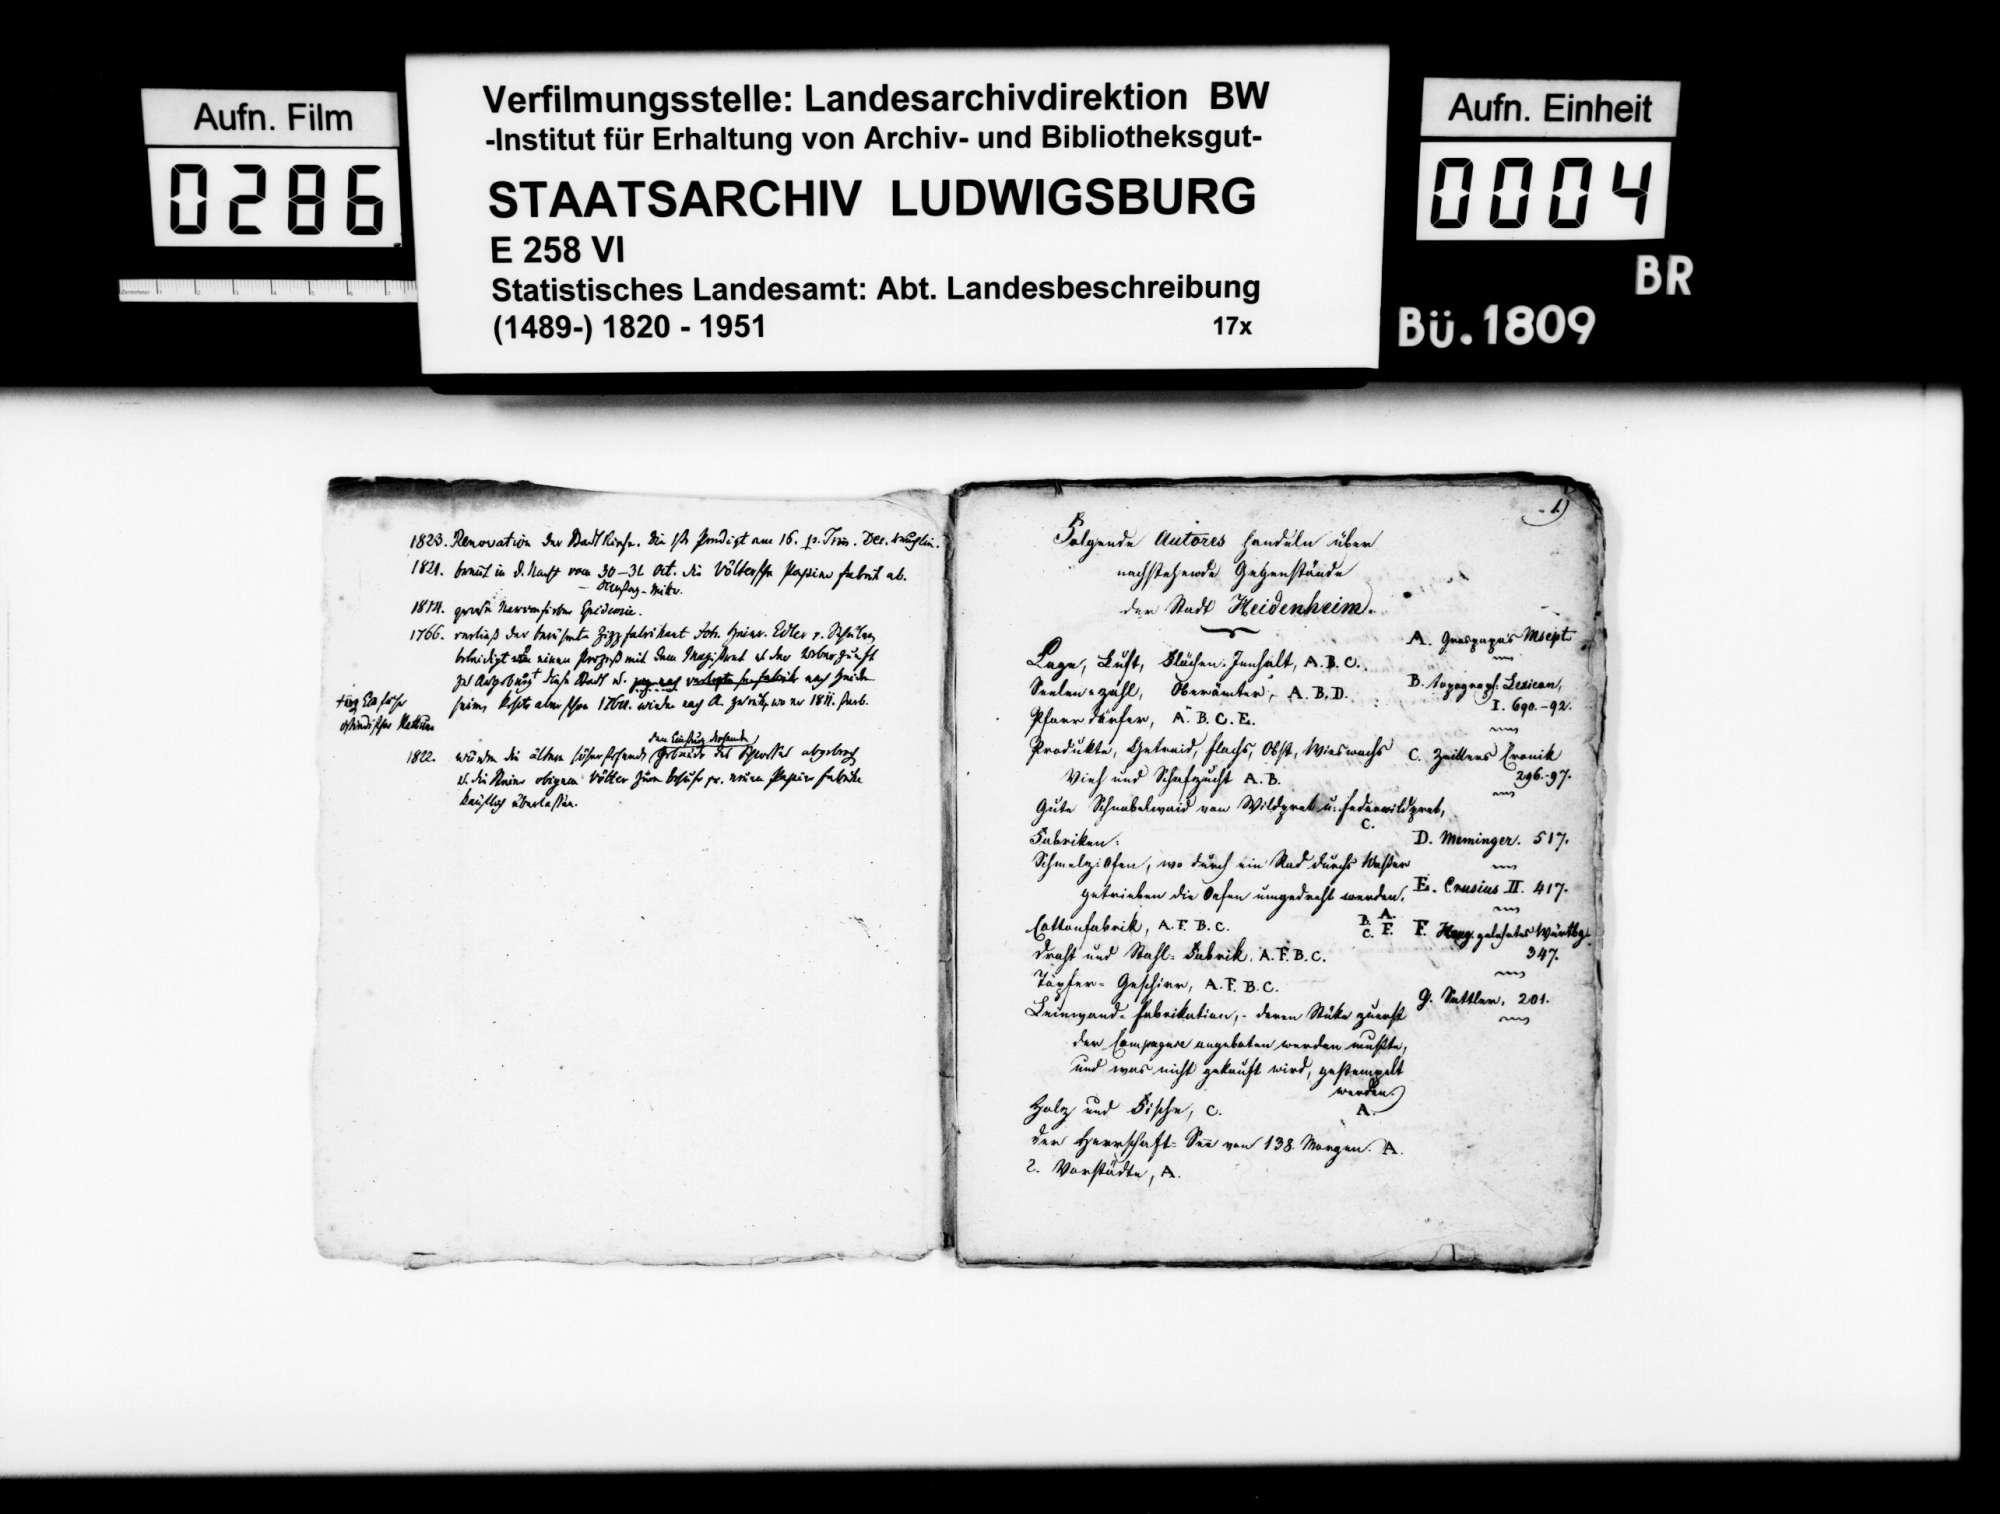 Kollektaneen des Pfarrers Magenau aus Hermaringen zur Geschichte des Oberamts Heidenheim, Bild 3